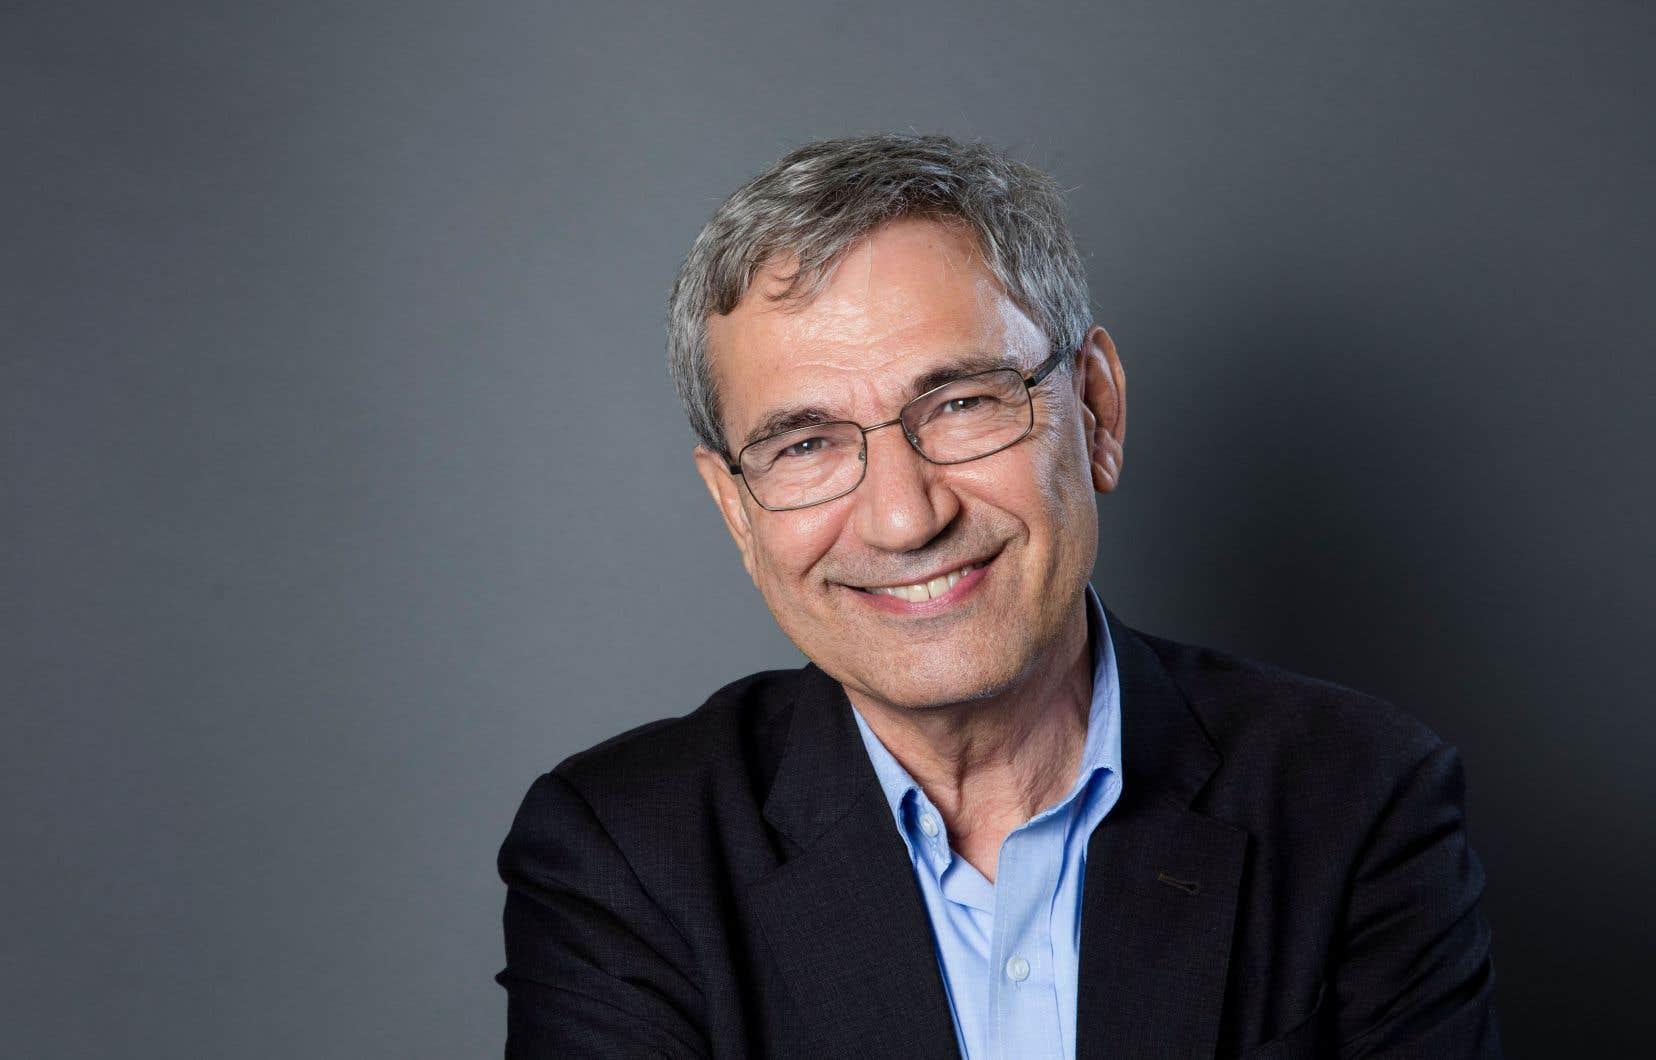 Orhan Pamuk intègre dans son récit une tension entre l'Orient et l'Occident.